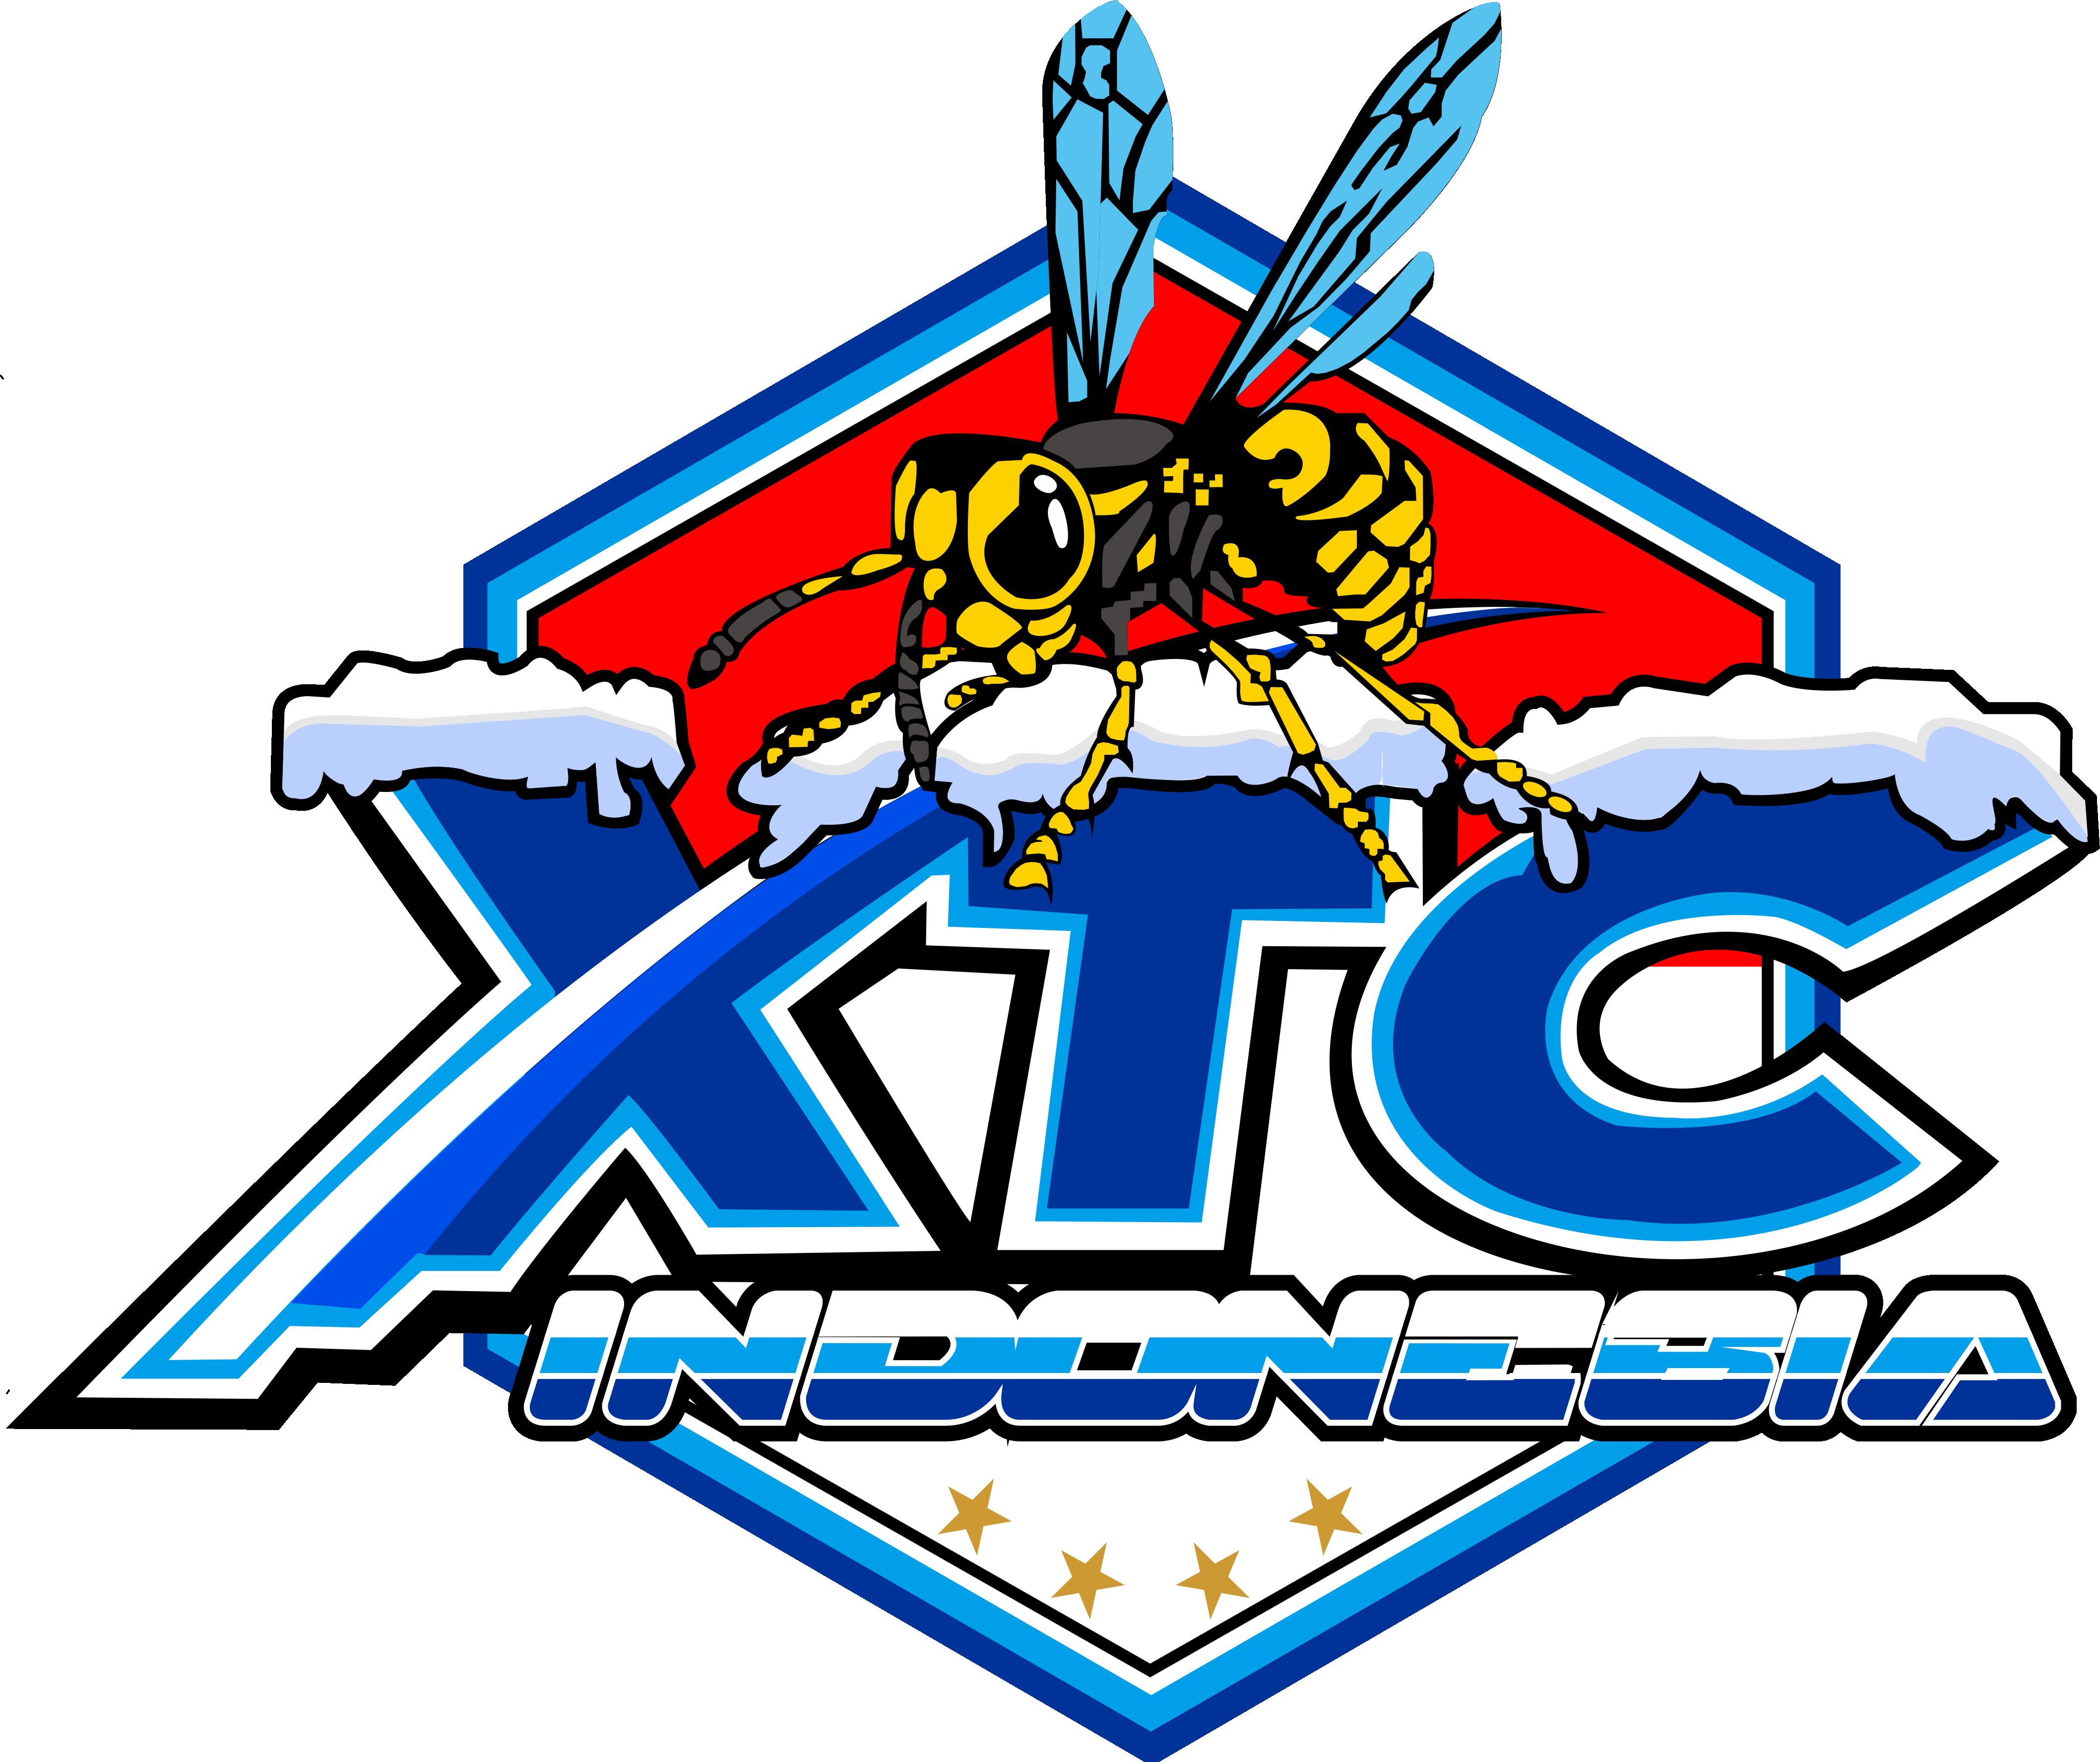 Pin di XTC INDONESIA